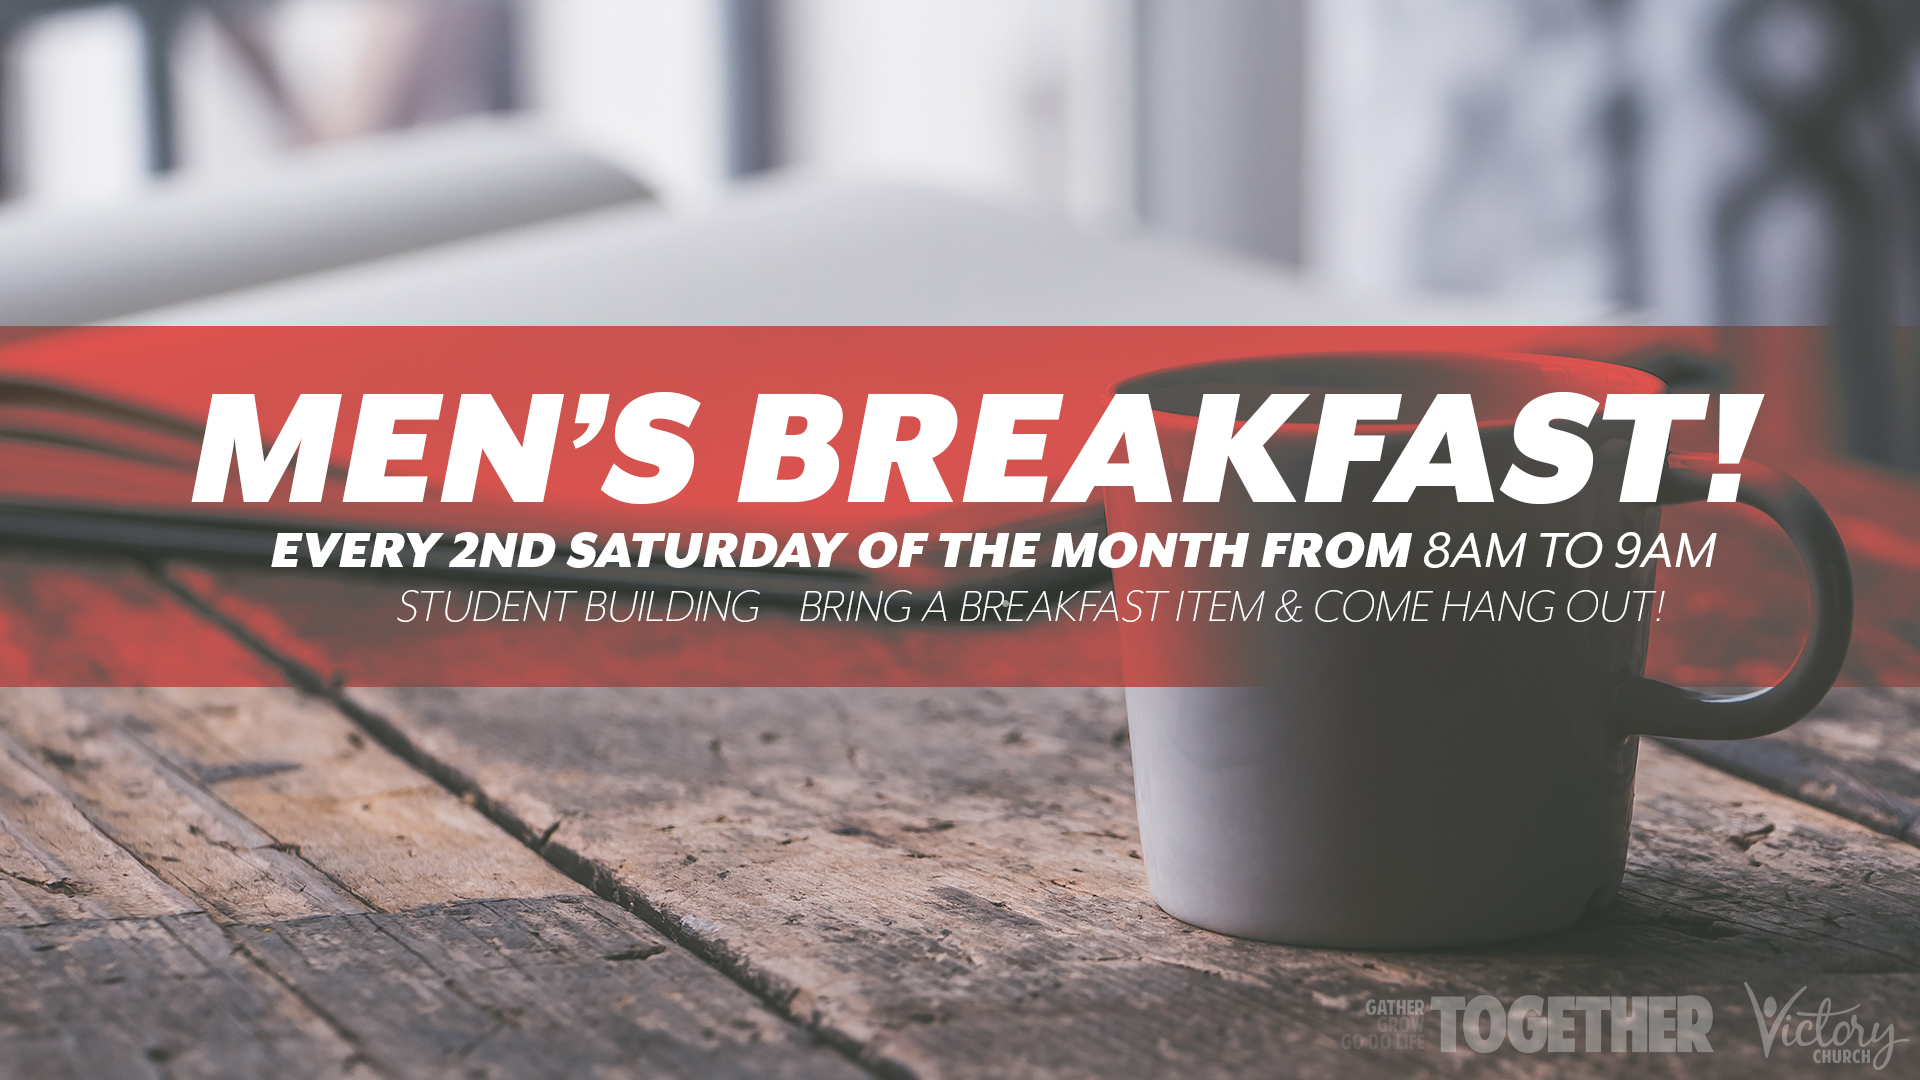 Men's Breakfast - Iron sharpens iron!